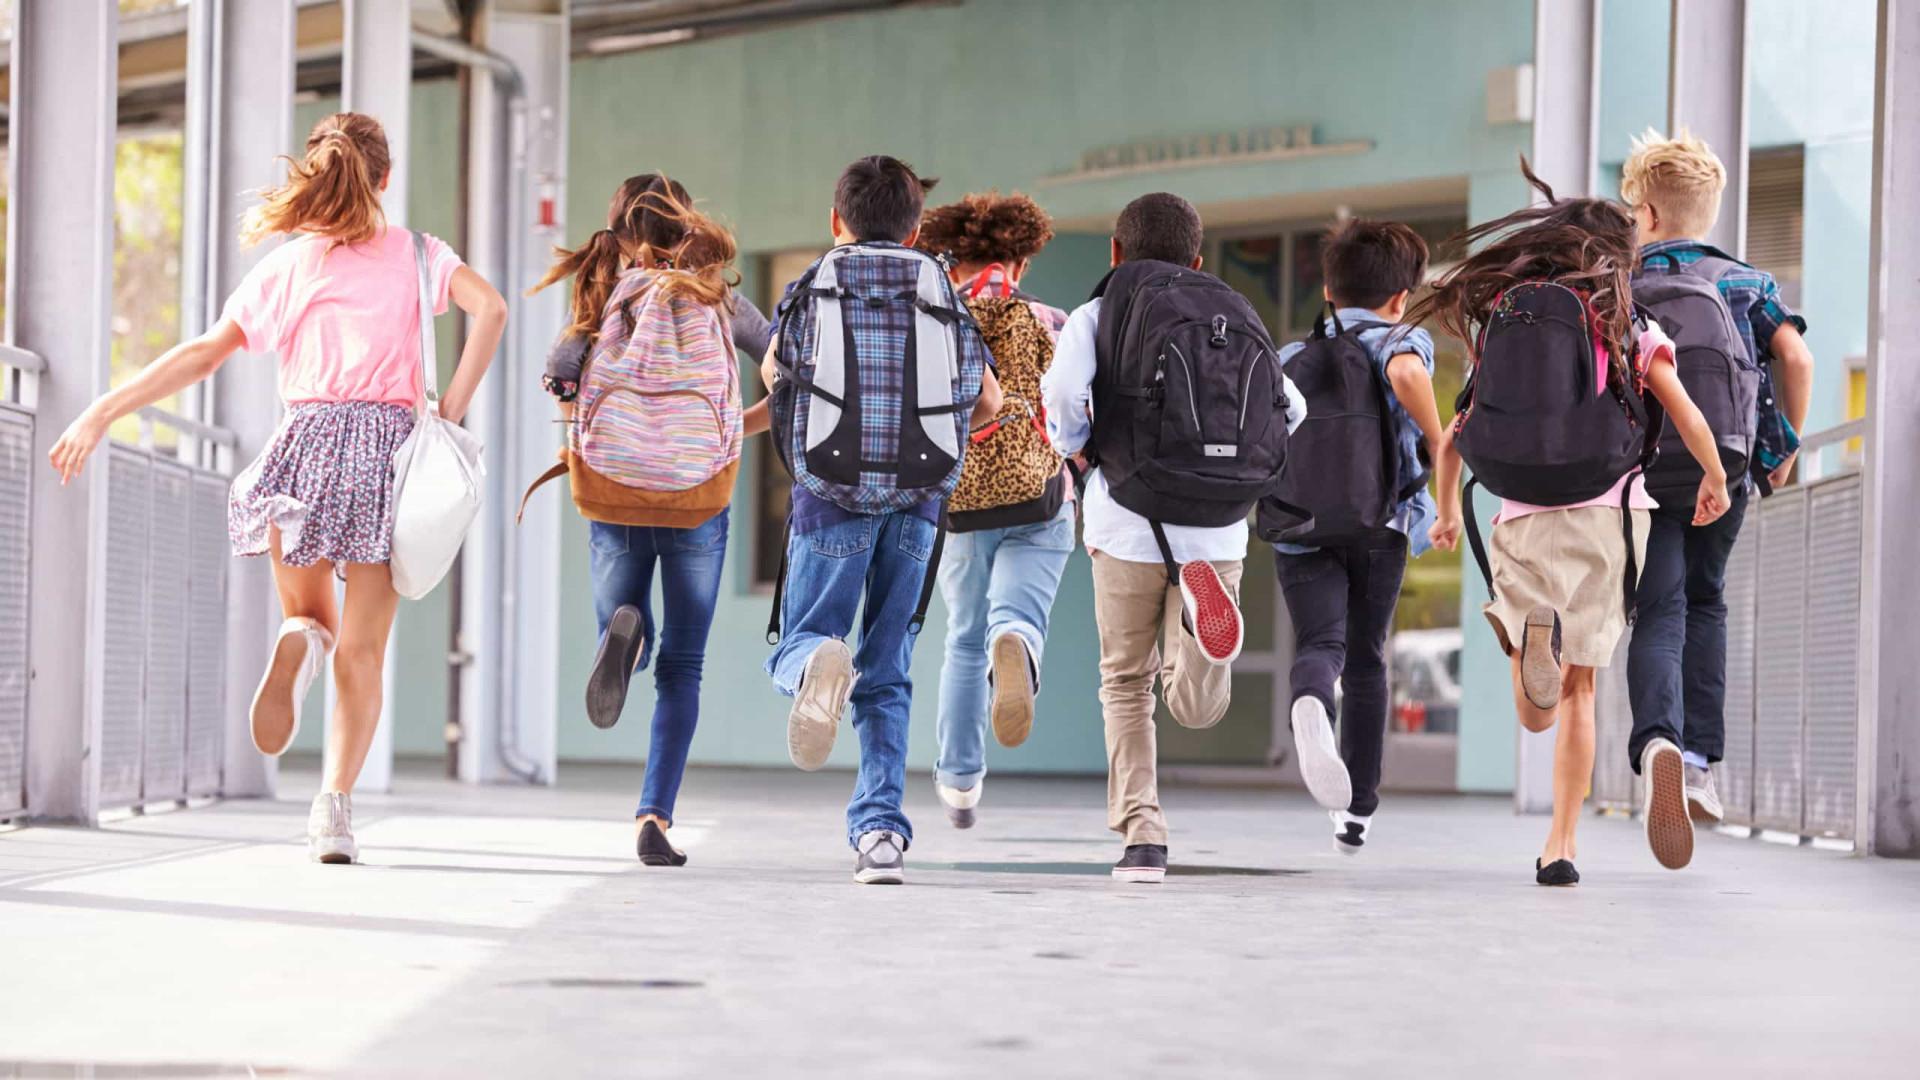 Escolas vão reabrir em ao menos 7 países europeus, com distanciamento